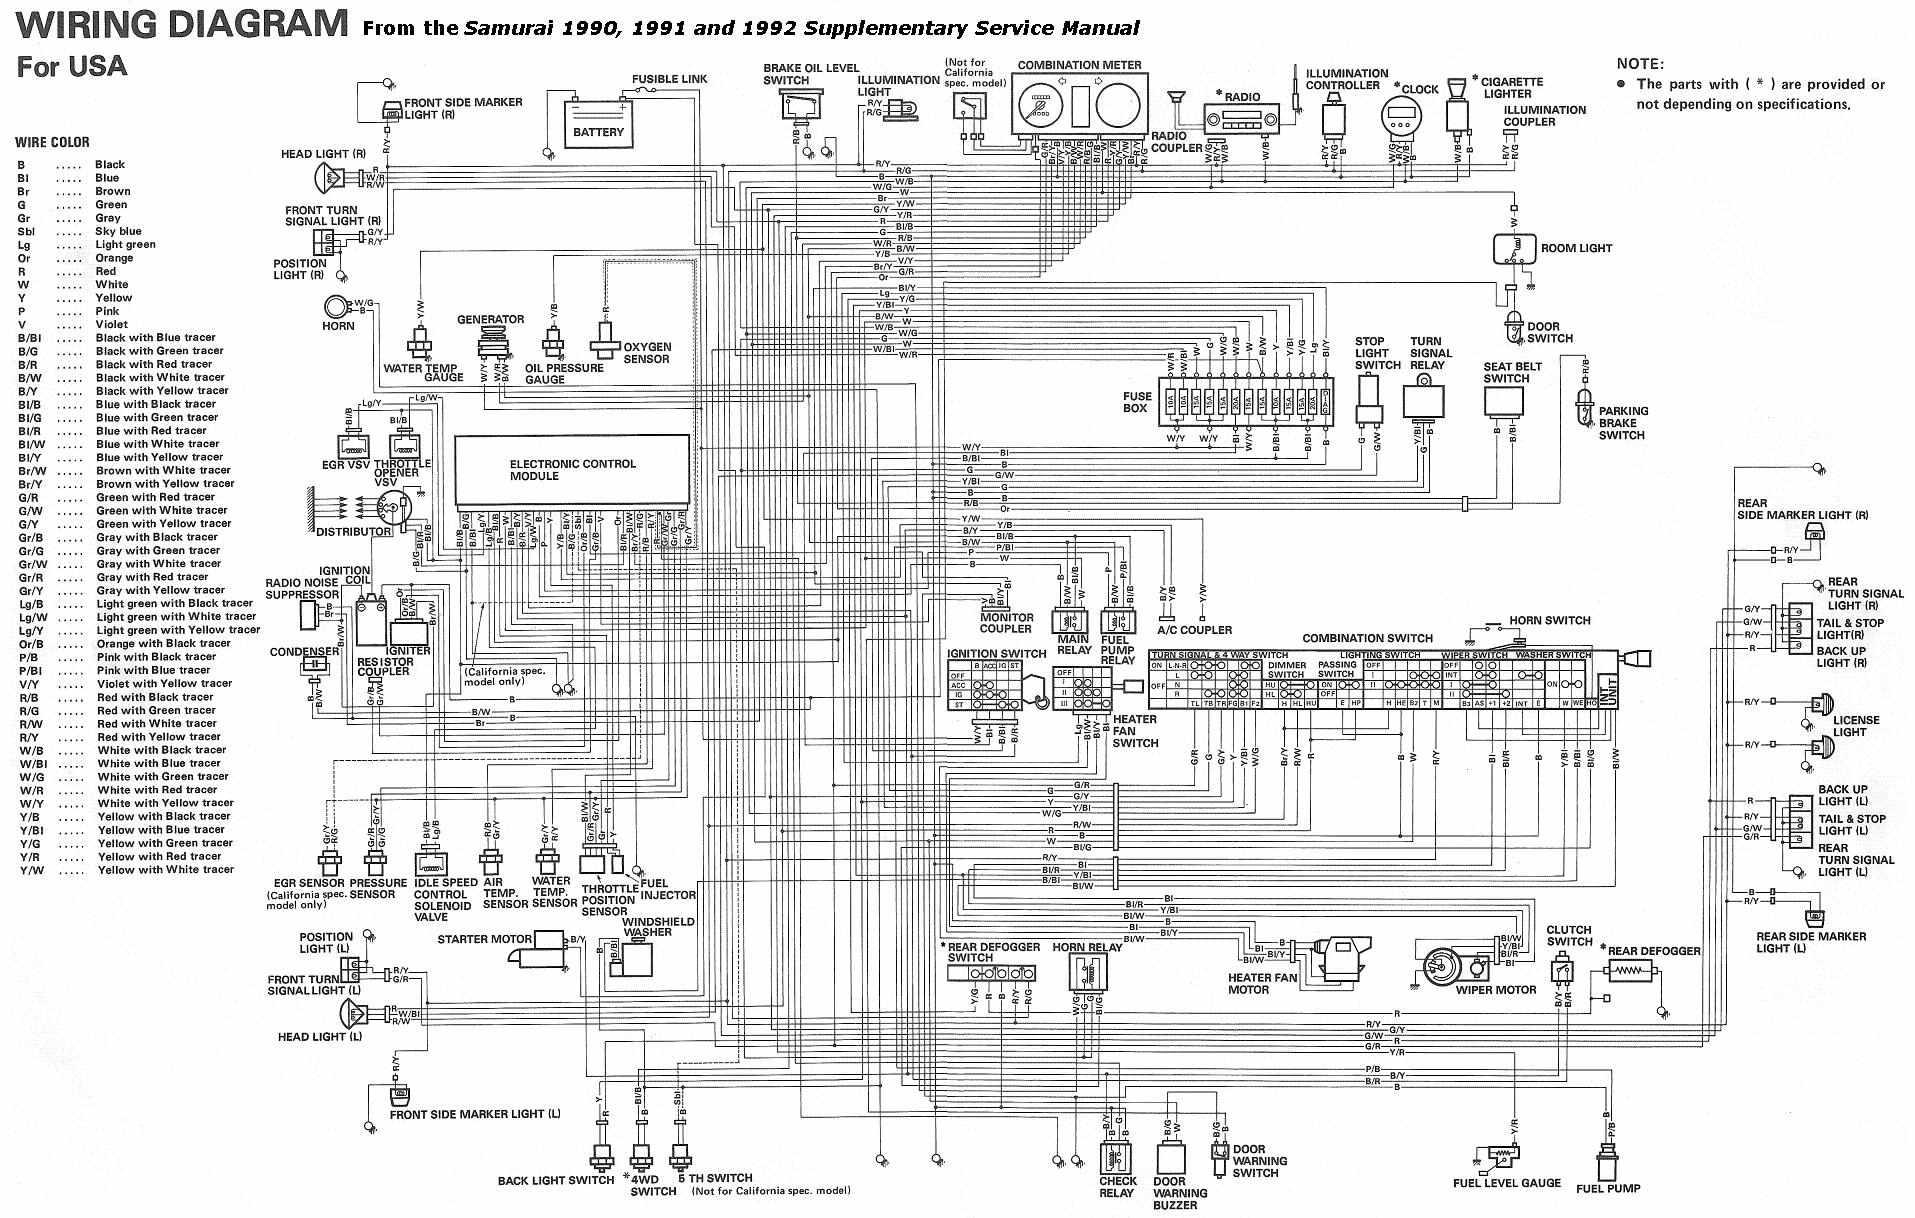 subaru sambar wiring diagram wiring diagram g9 subaru stereo wiring harness diagram subaru sambar wiring diagram [ 1915 x 1218 Pixel ]